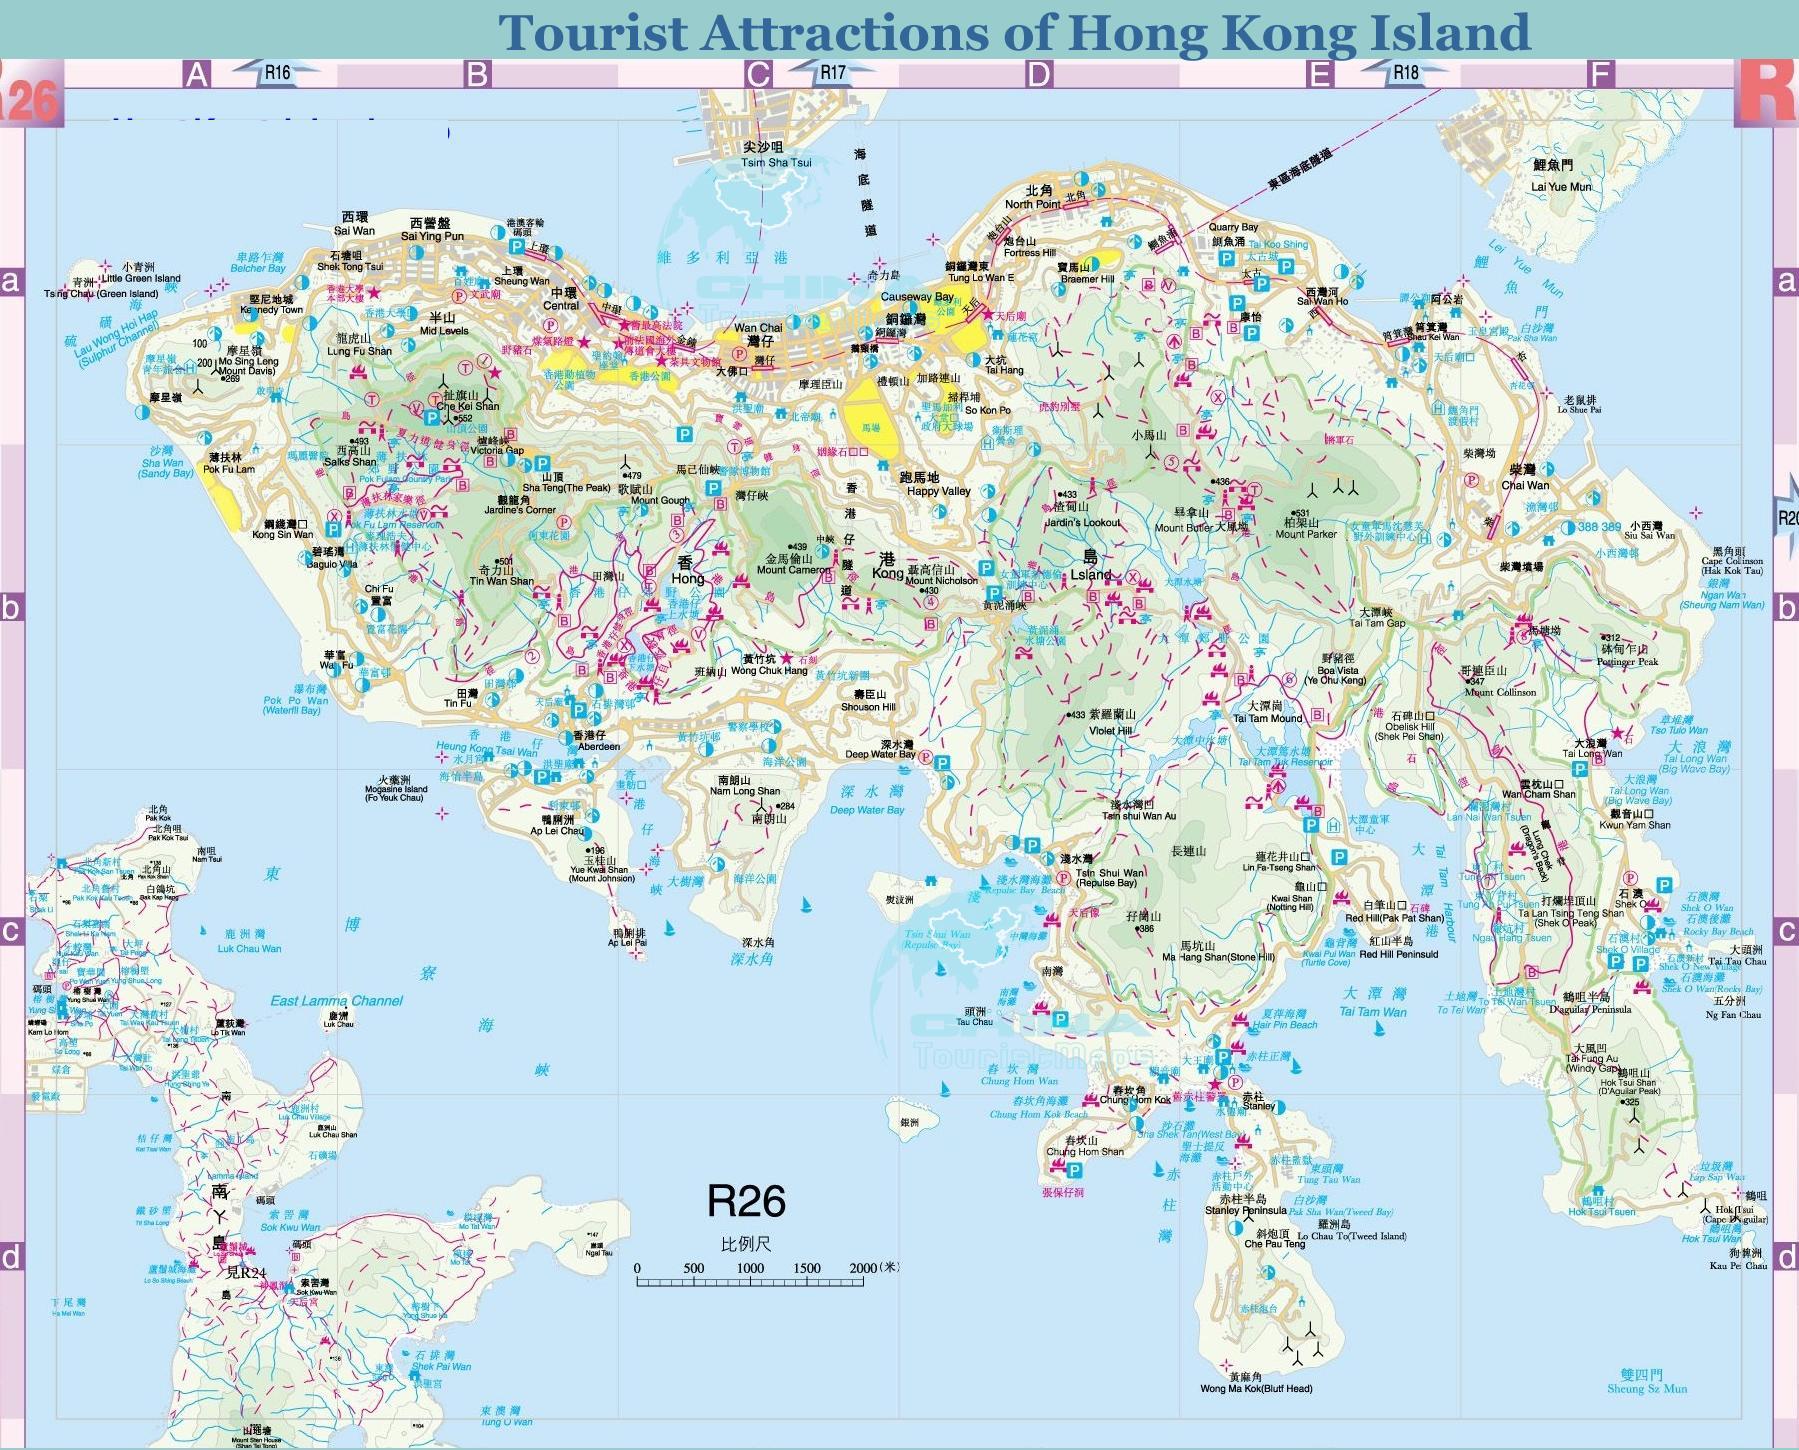 offline térkép Hong Kong térkép offline   az Offline Hong Kong térkép (Kína) offline térkép